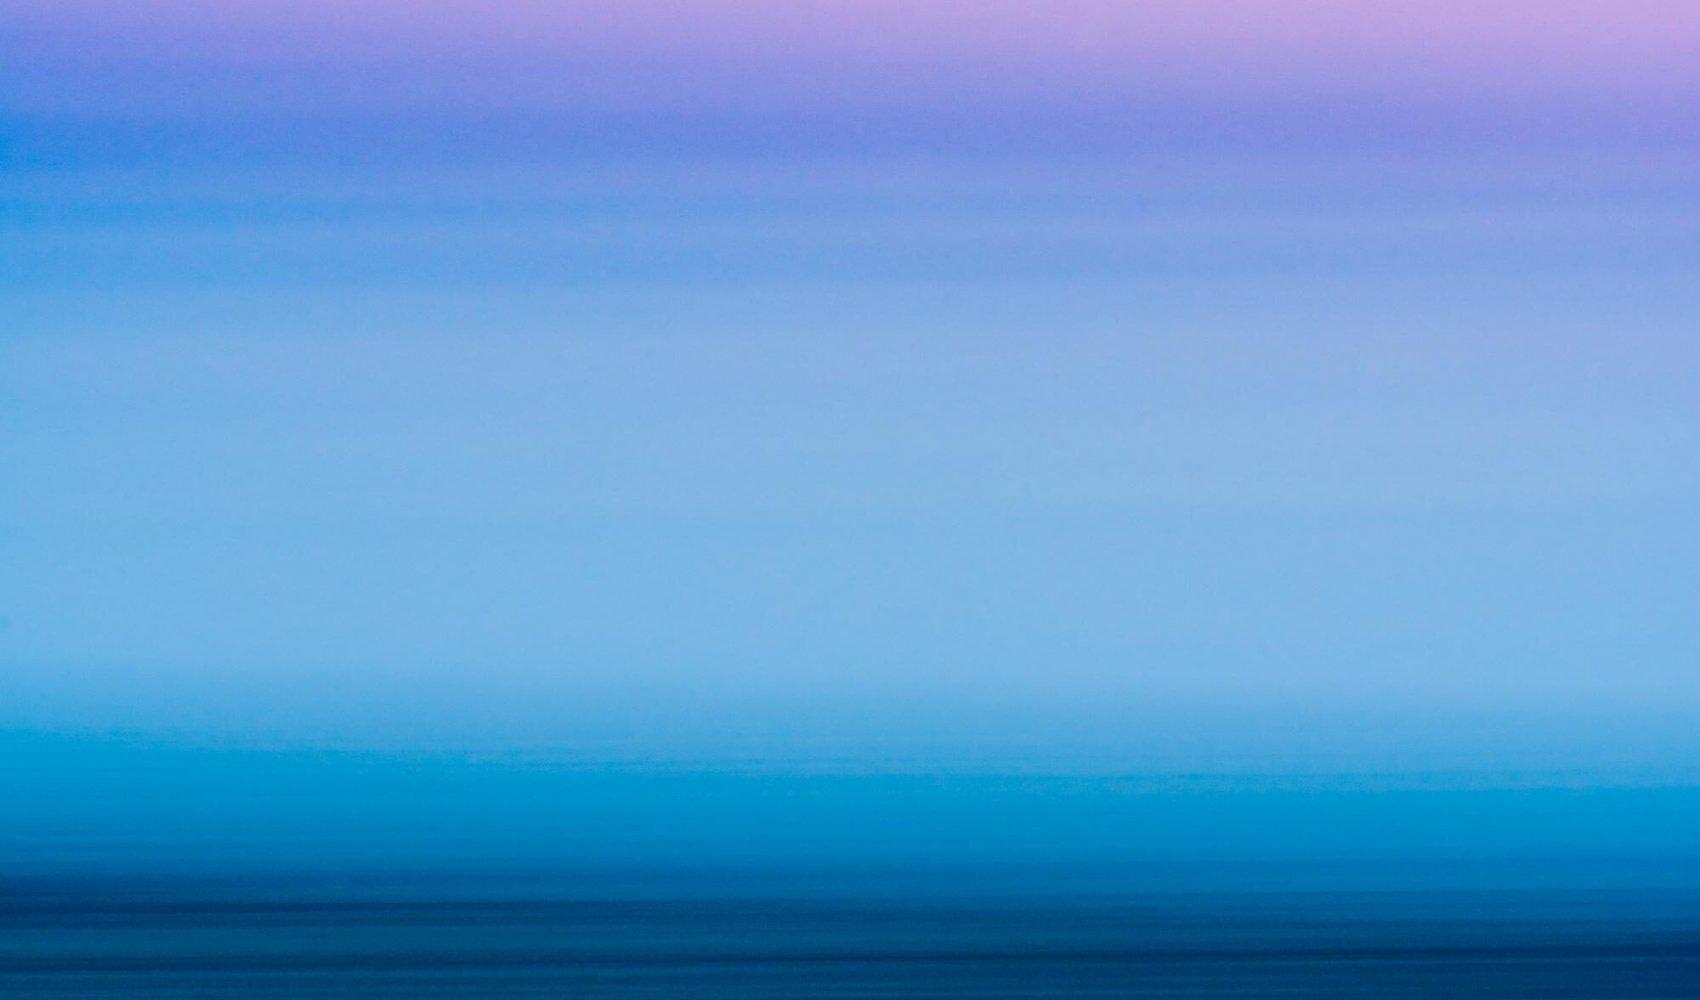 Still ocean